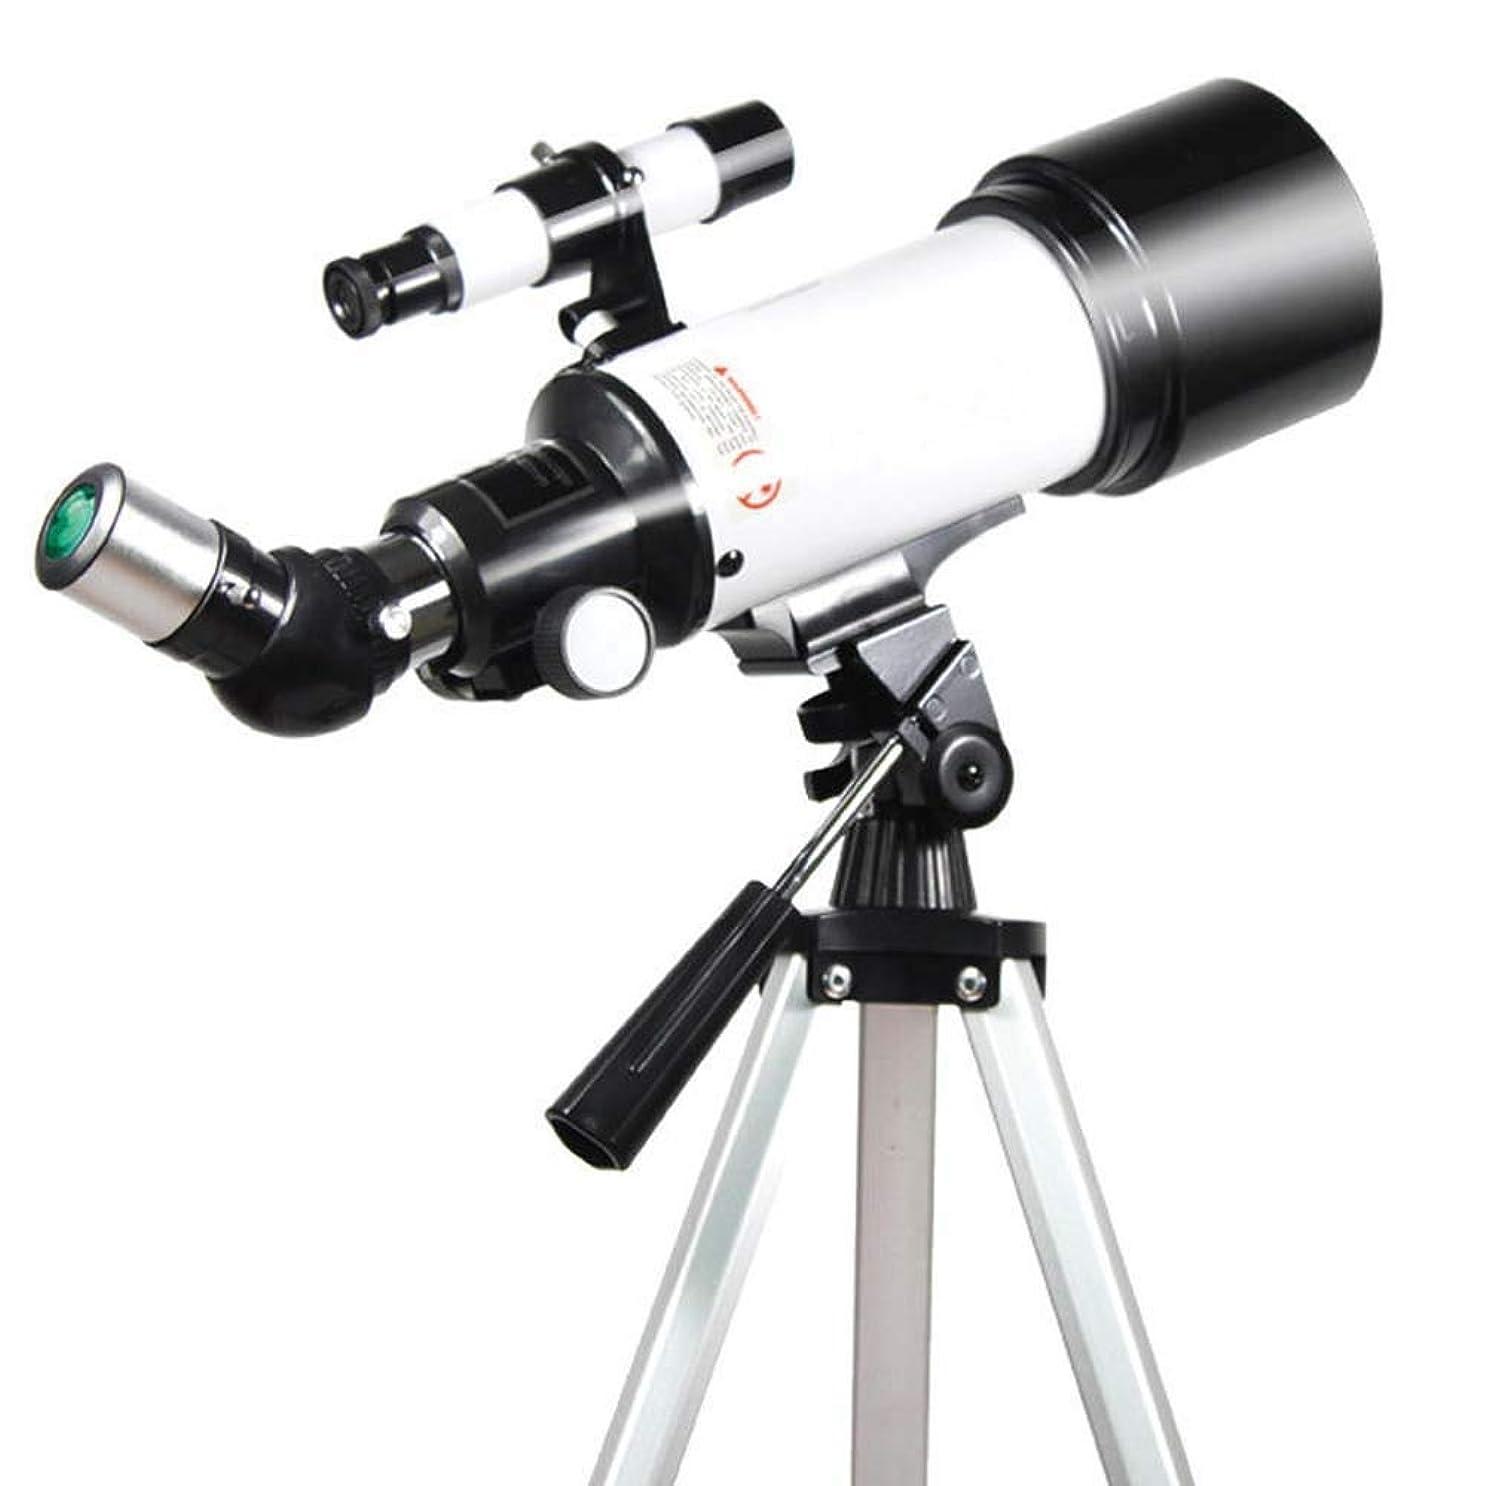 ソファー復活させるストライク耐久性 16 / 40X HD屈折天体望遠鏡高倍率ズーム単眼天体望遠鏡 キャンプハイキング (Color : White, Size : 45-122cm)